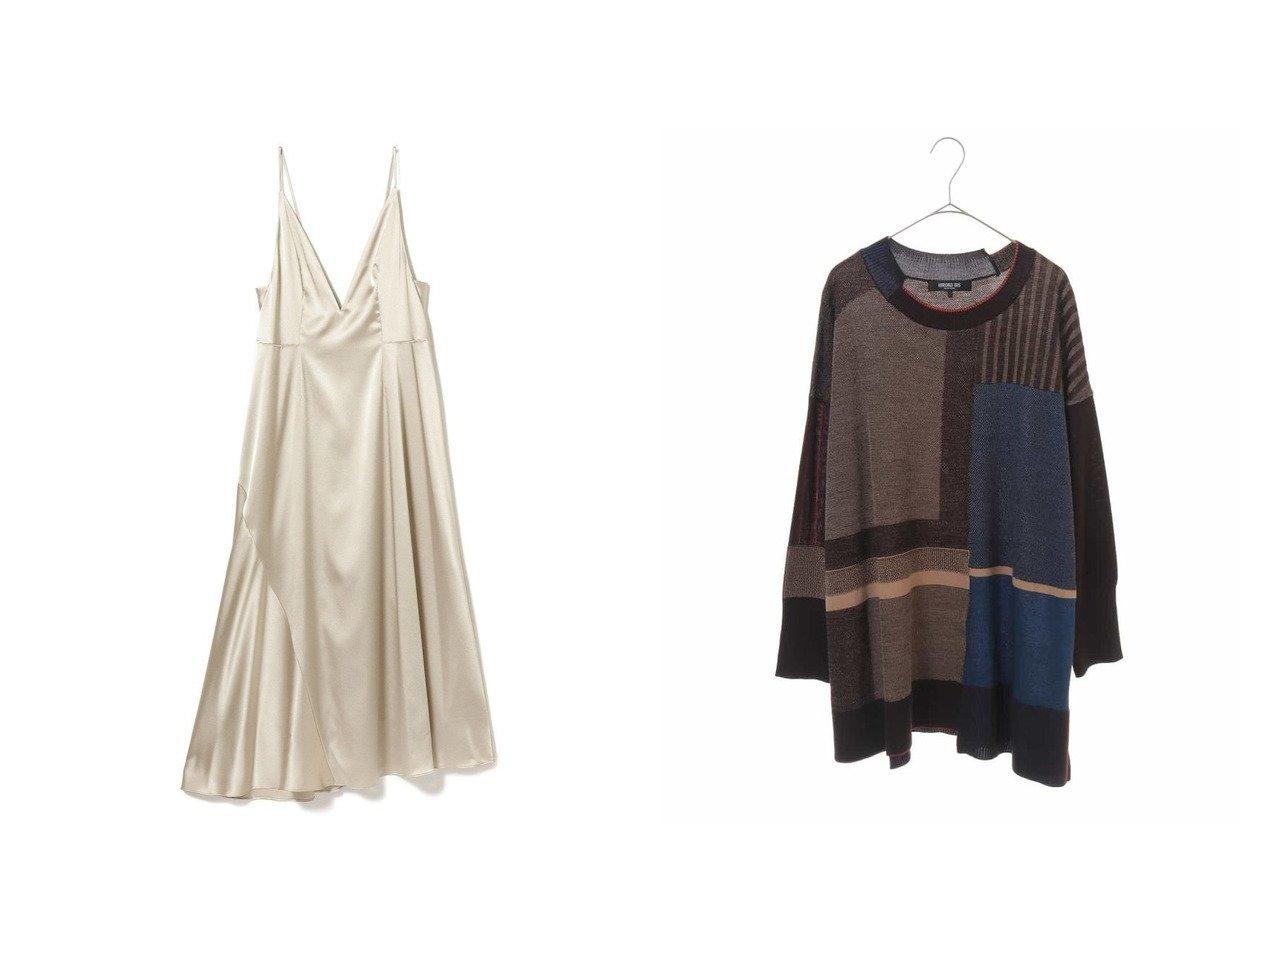 【Demi-Luxe BEAMS/デミルクス ビームス】のサテン ストレッチ ドレス&【HIROKO BIS GRANDE/ヒロコビス ブランデ】のブロッキングニットプルオーバー おすすめ!人気トレンド・レディースファッションの通販  おすすめで人気のファッション通販商品 インテリア・家具・キッズファッション・メンズファッション・レディースファッション・服の通販 founy(ファニー) https://founy.com/ ファッション Fashion レディース WOMEN ワンピース Dress ドレス Party Dresses シャツワンピース Shirt Dresses トップス Tops Tshirt ニット Knit Tops プルオーバー Pullover エレガント キャミソール コレクション サテン ストレッチ トレンド ドレス ドレープ バランス パーティ フォルム ラグジュアリー リボン カーディガン ロング  ID:crp329100000006750